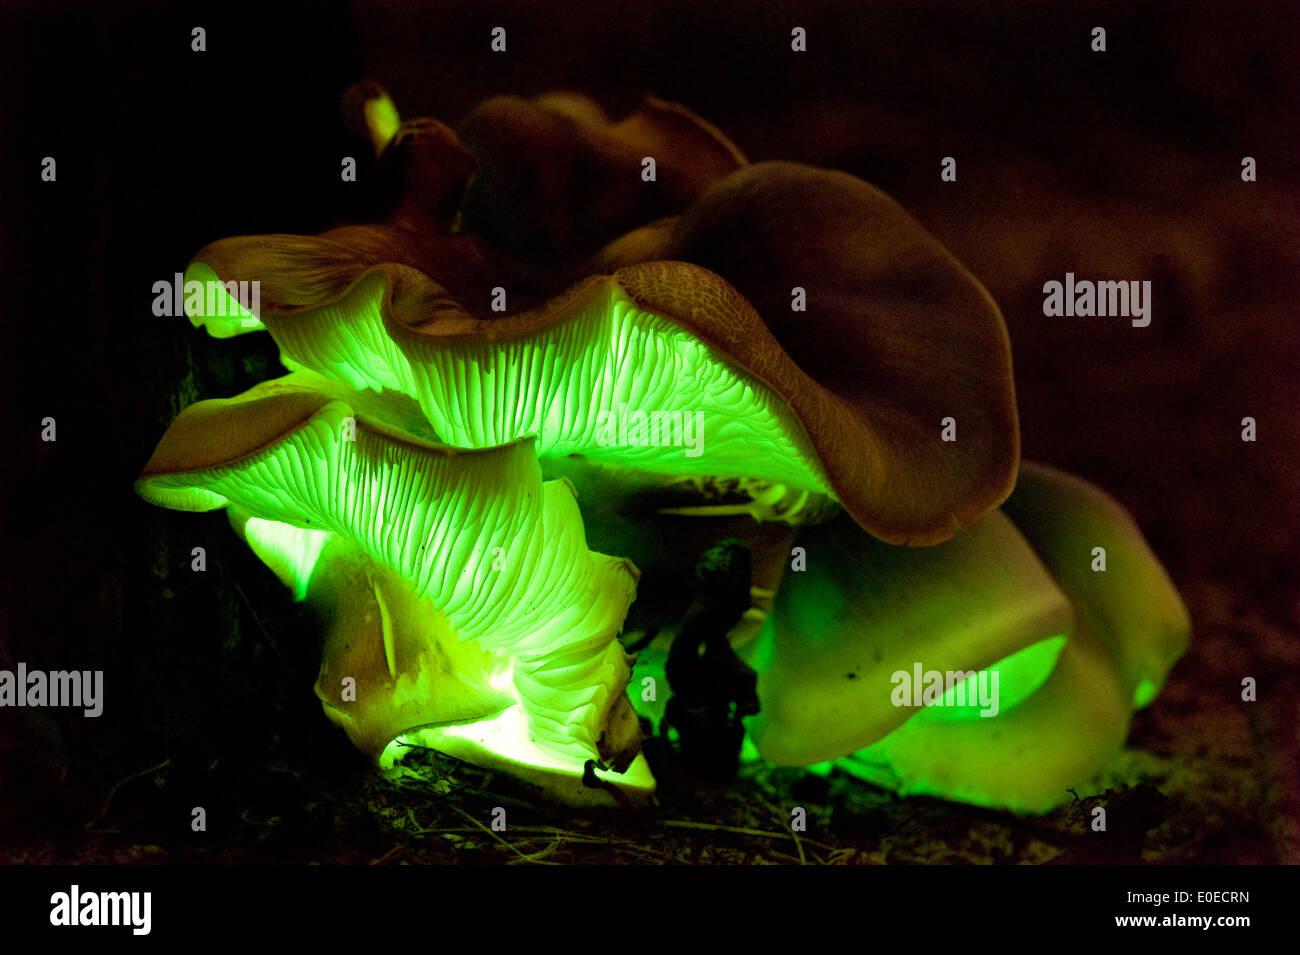 La Australian Ghost fungo (Omphalotus nidiformis) è un fungo luminoso che si illumina al buio Foto Stock